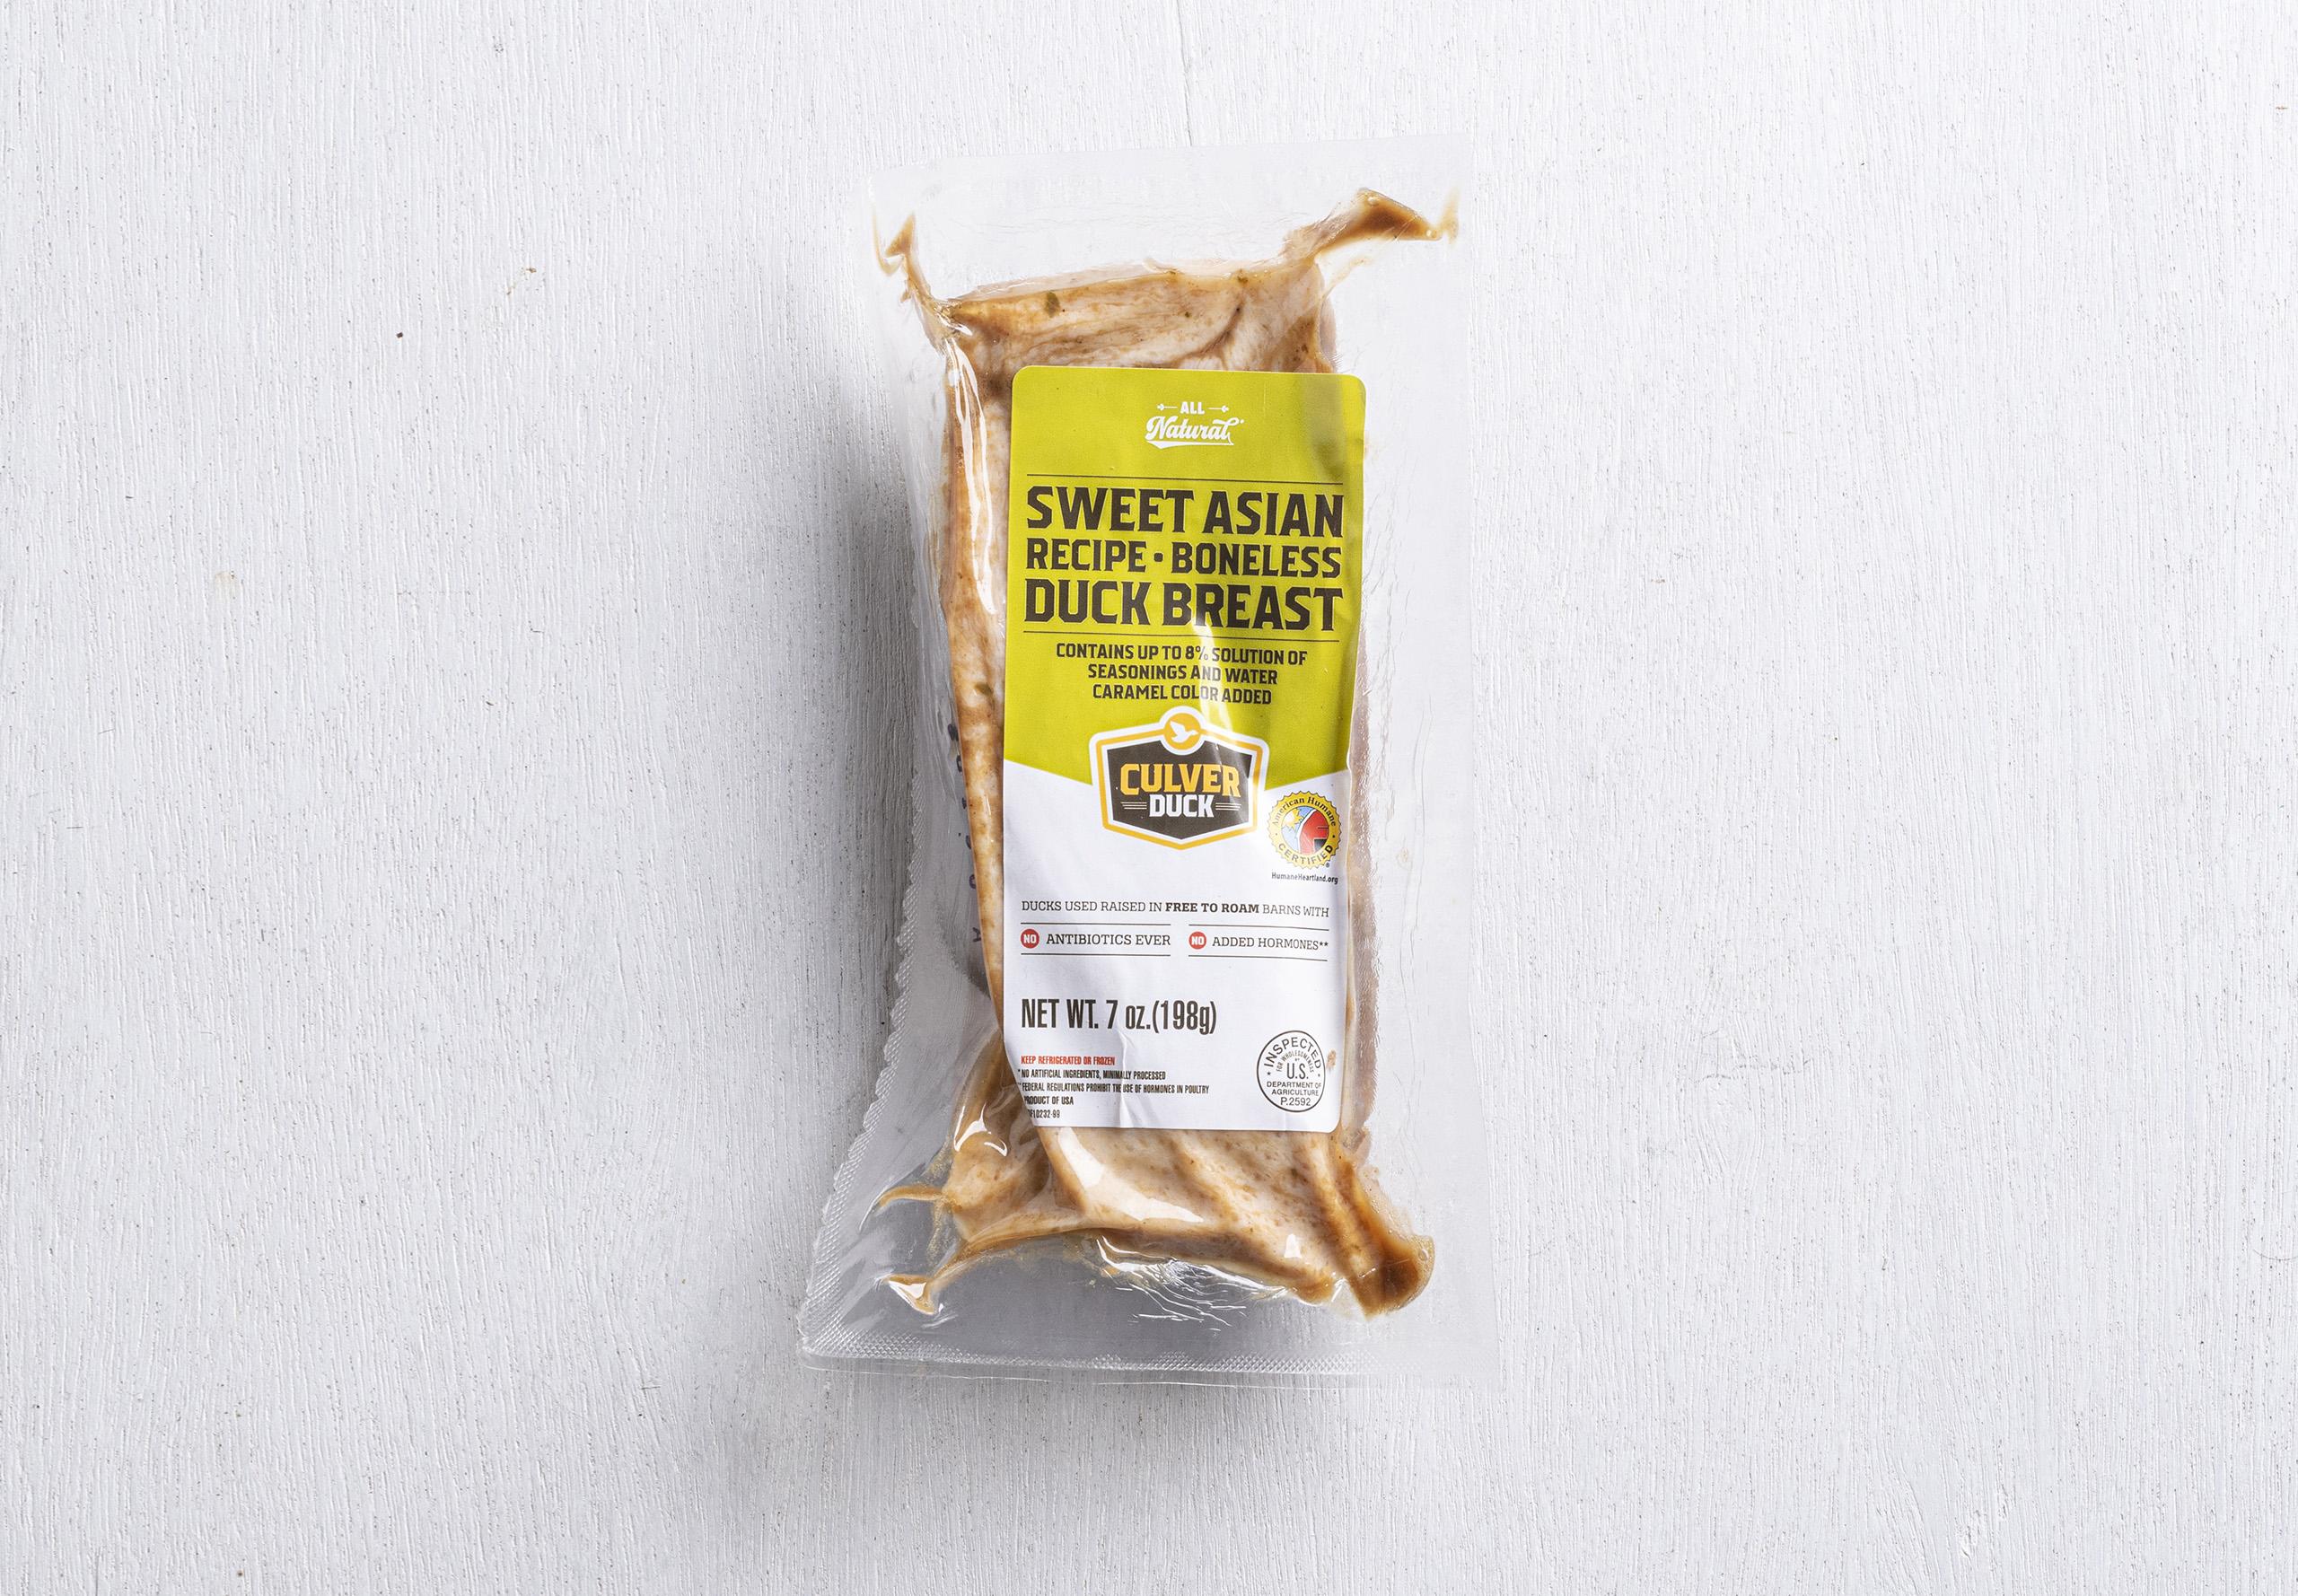 Sweet Asian Recipe - Boneless Duck Breast